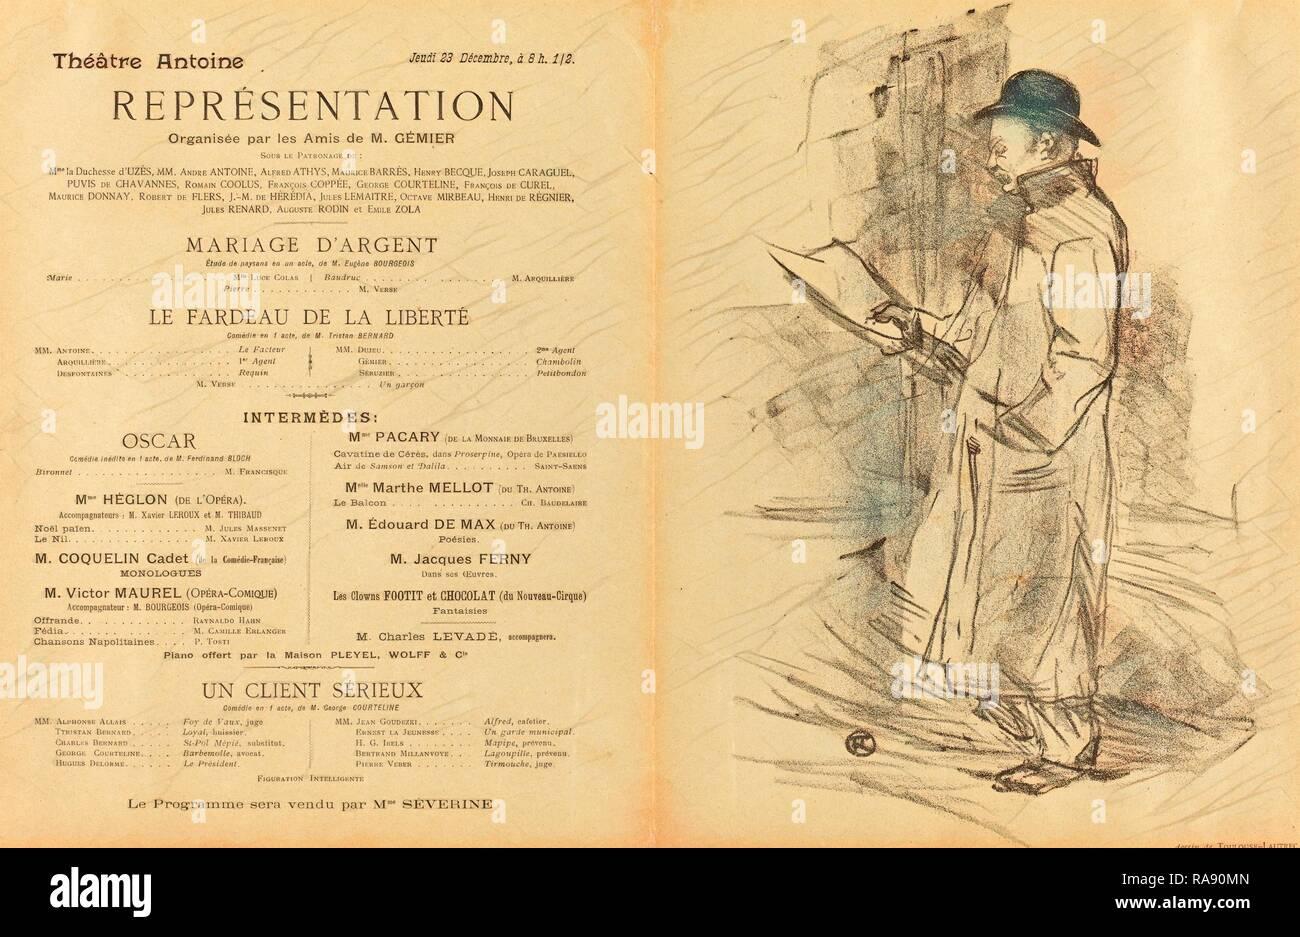 Henri de Toulouse-Lautrec (French, 1864 - 1901), Mariage d'argent, Le Fardeau de la liberté, Un Client sérieux [recto reimagined - Stock Image